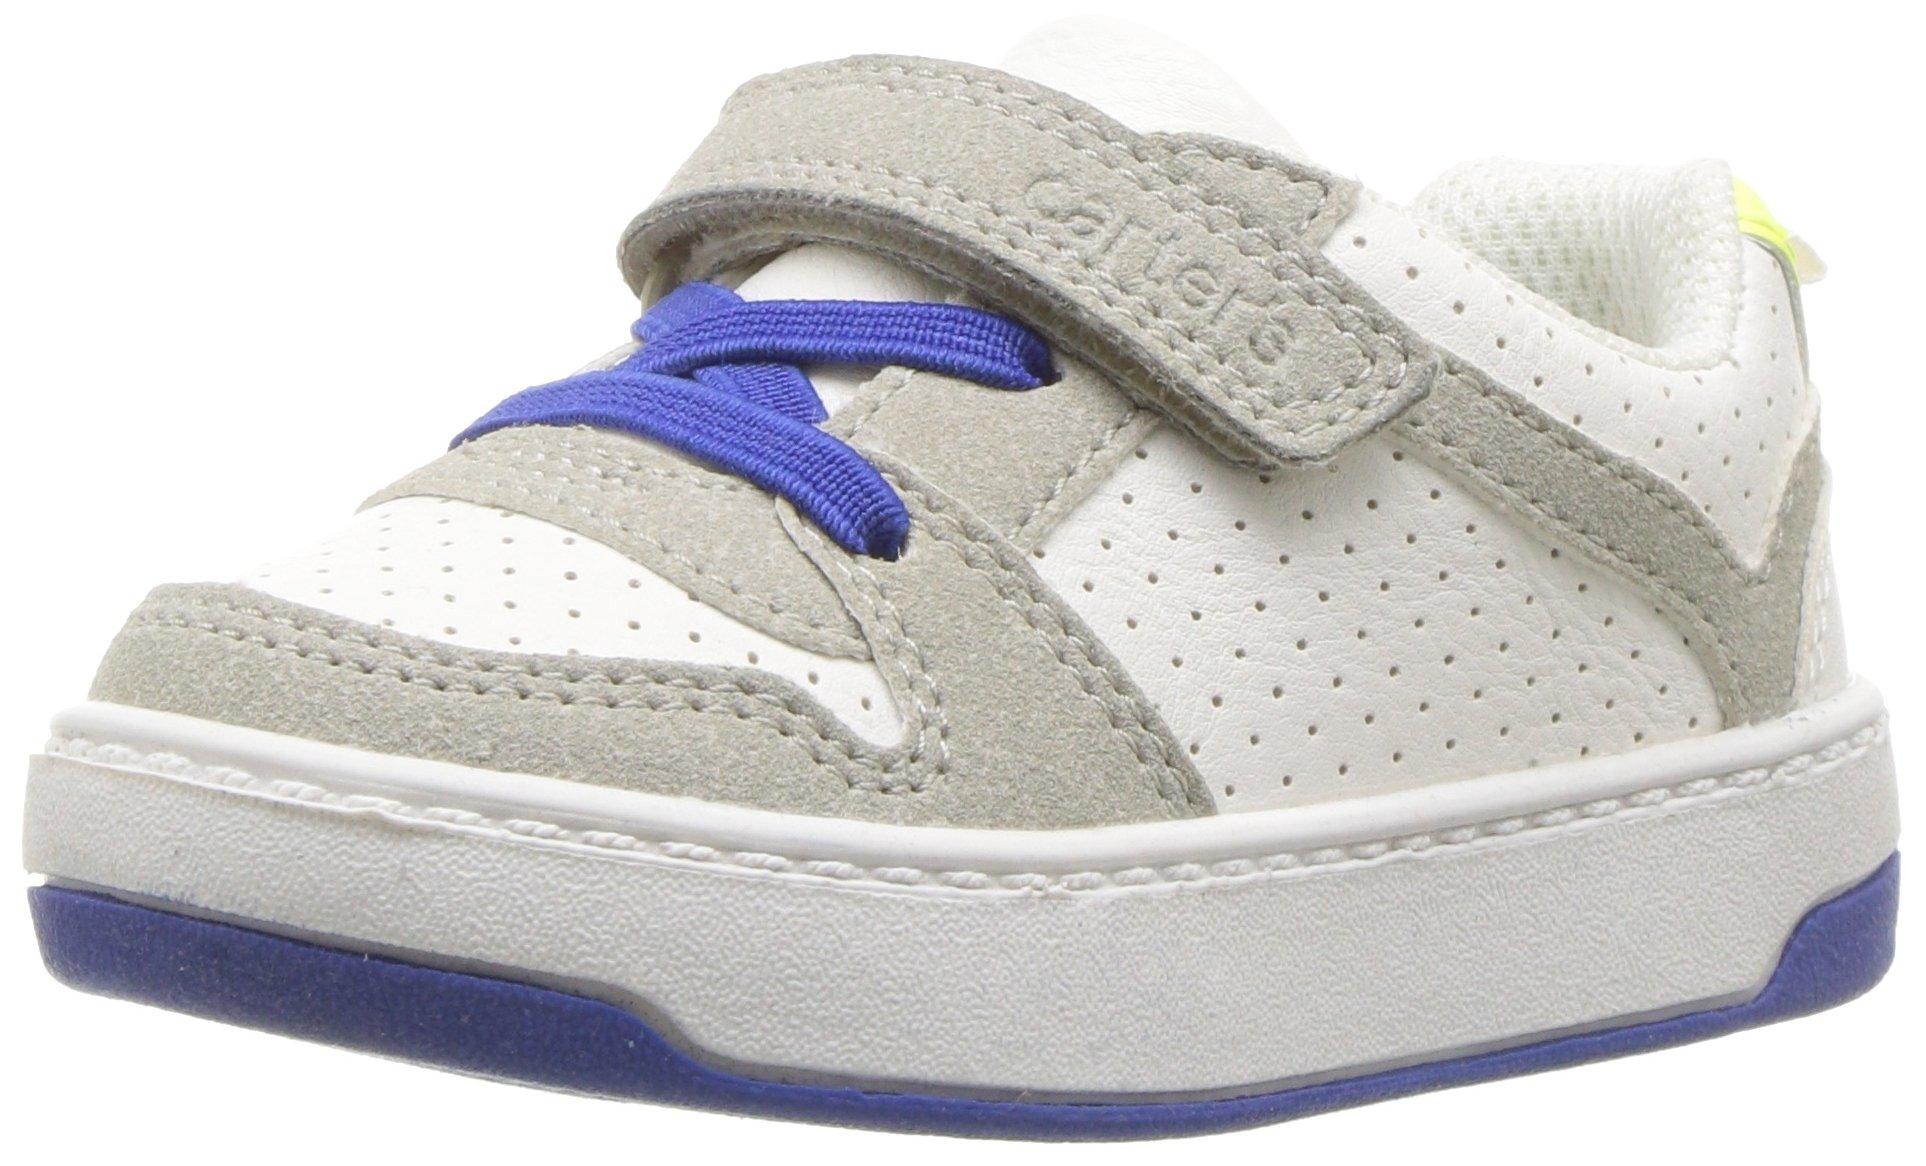 Carter's Boys' Vick Athletic Sneaker, White, 12 M US Little Kid